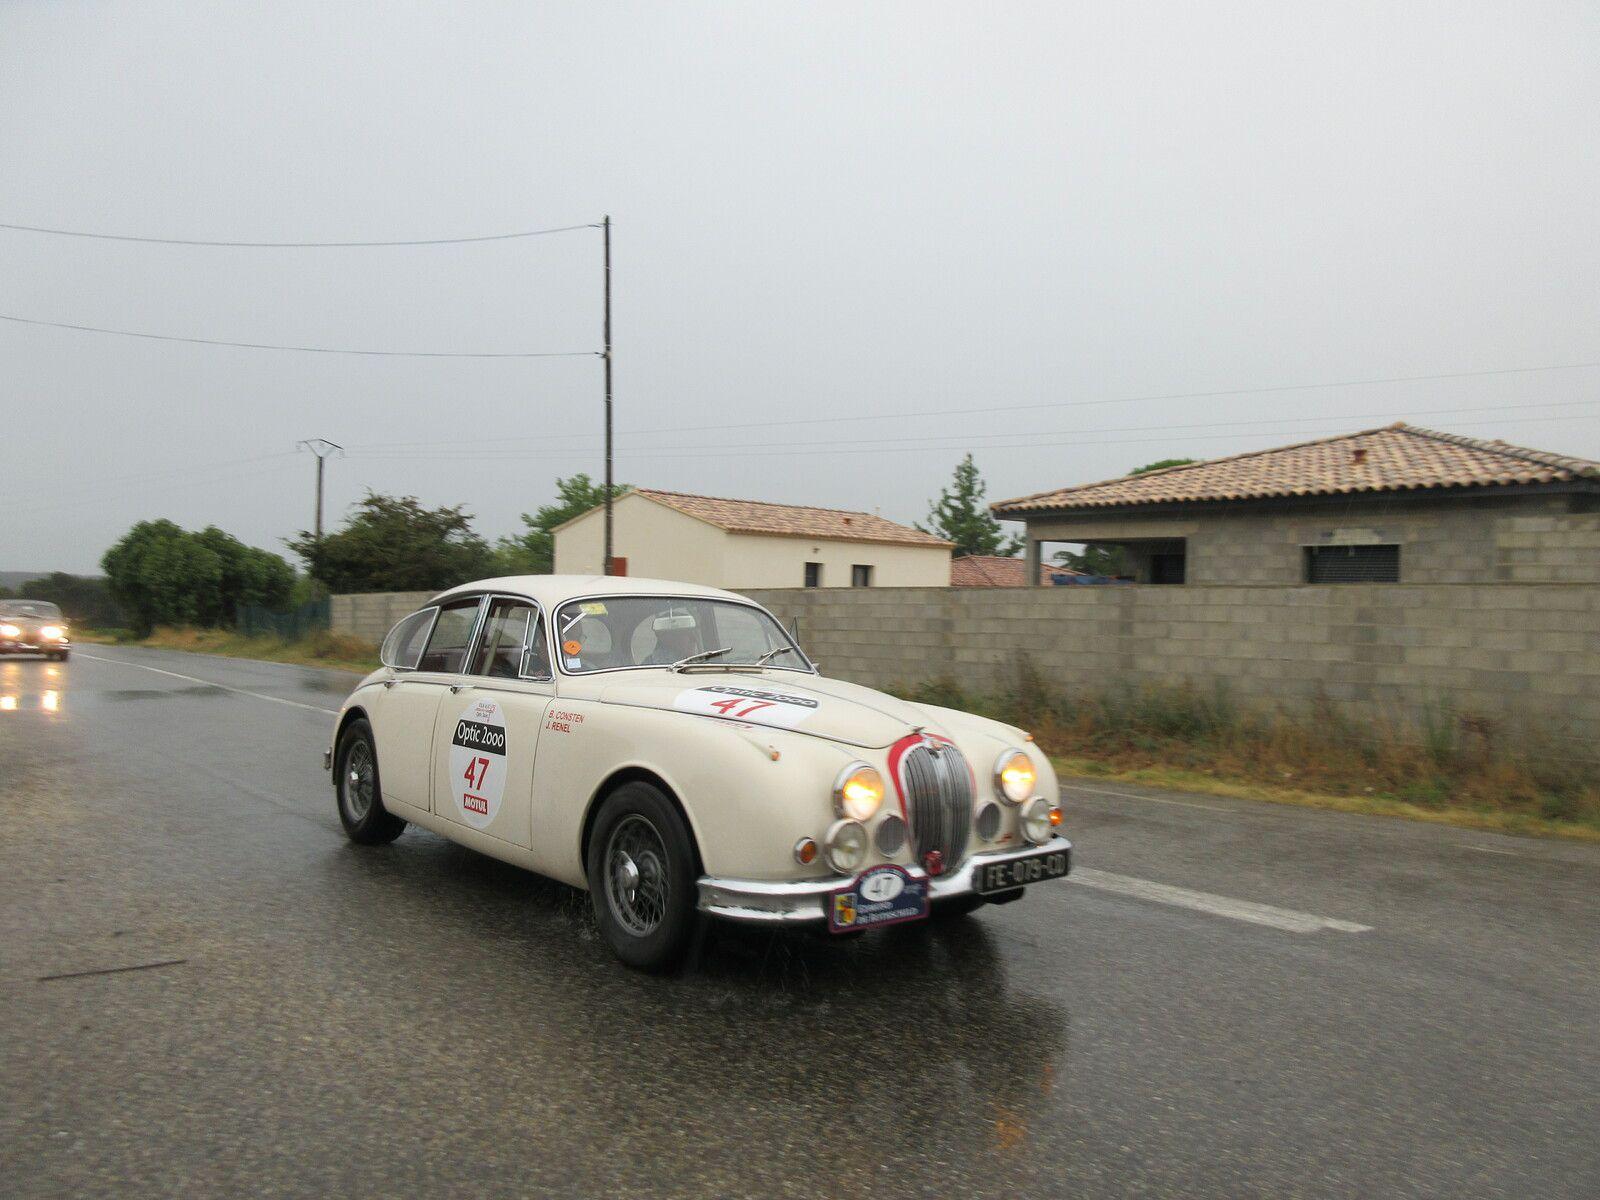 Vendredi 3 SEPTEMBRE 2021 la 4ème étape du  Tour Auto passait  par POUZILHAC (Gard)